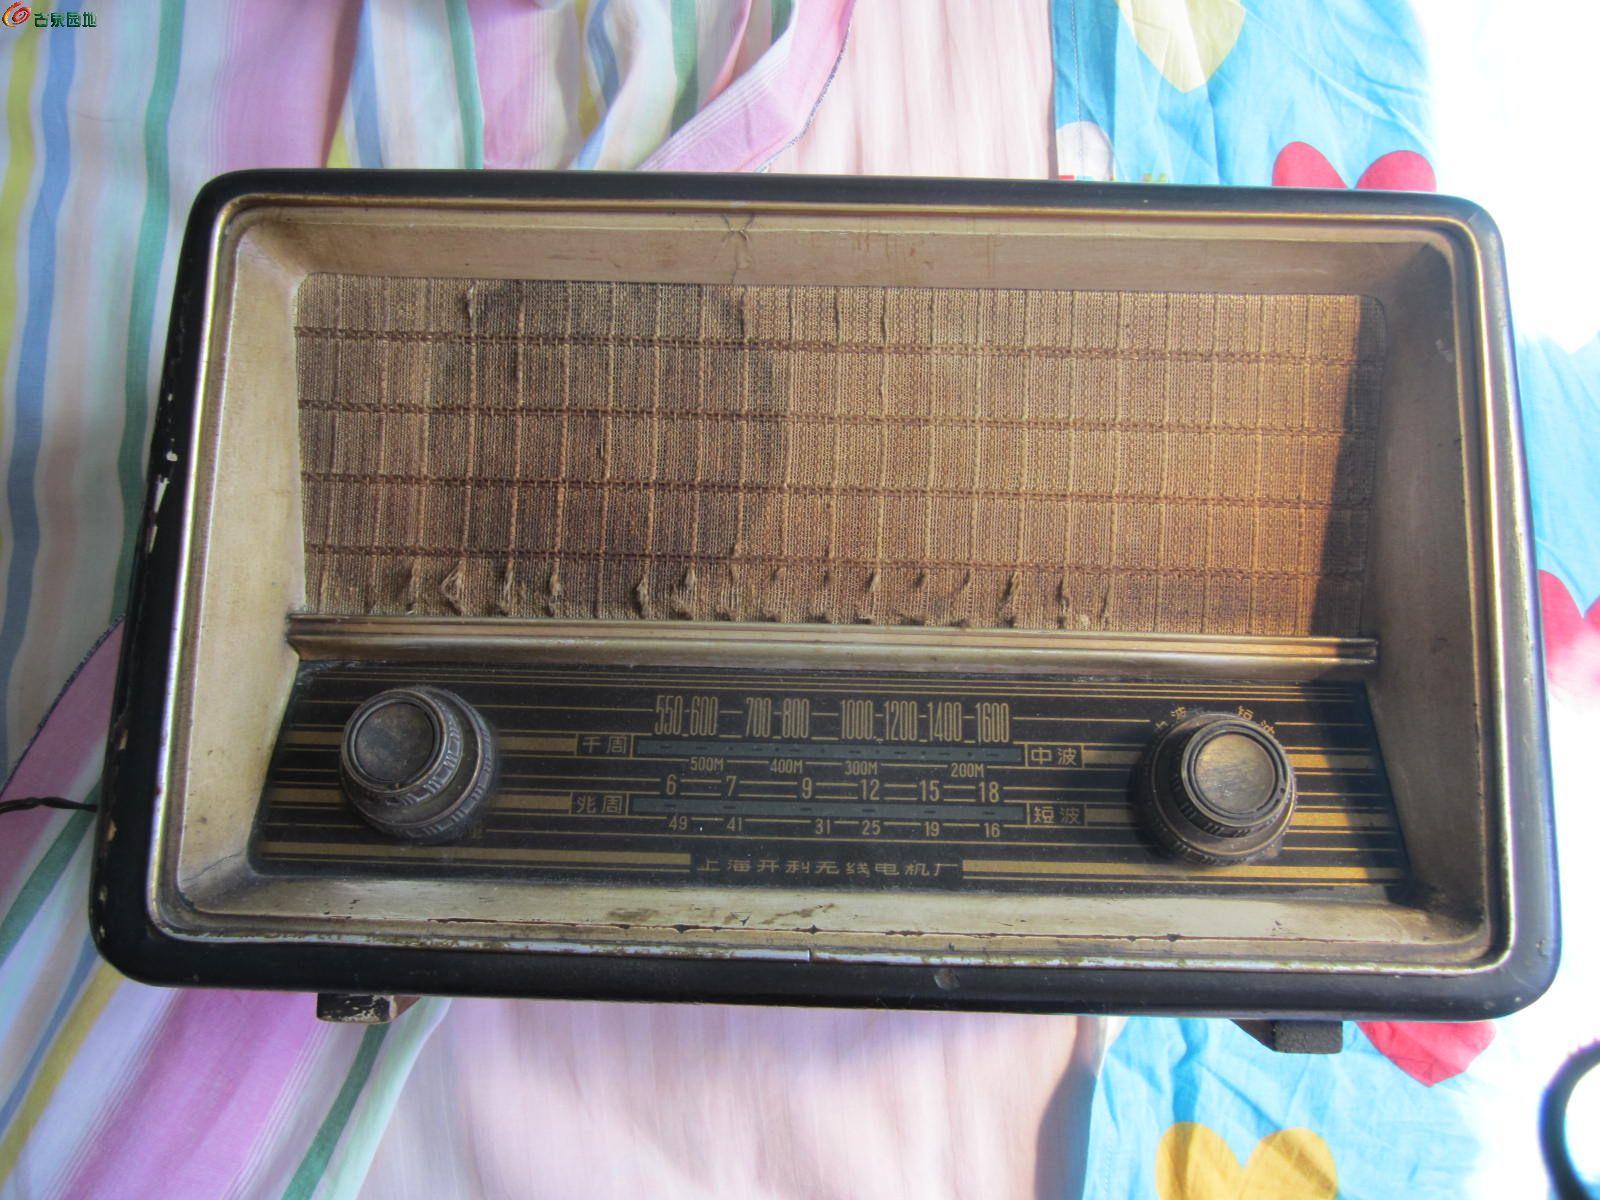 老式收音机 - 实习会员杂件信息 - 古泉社区图片